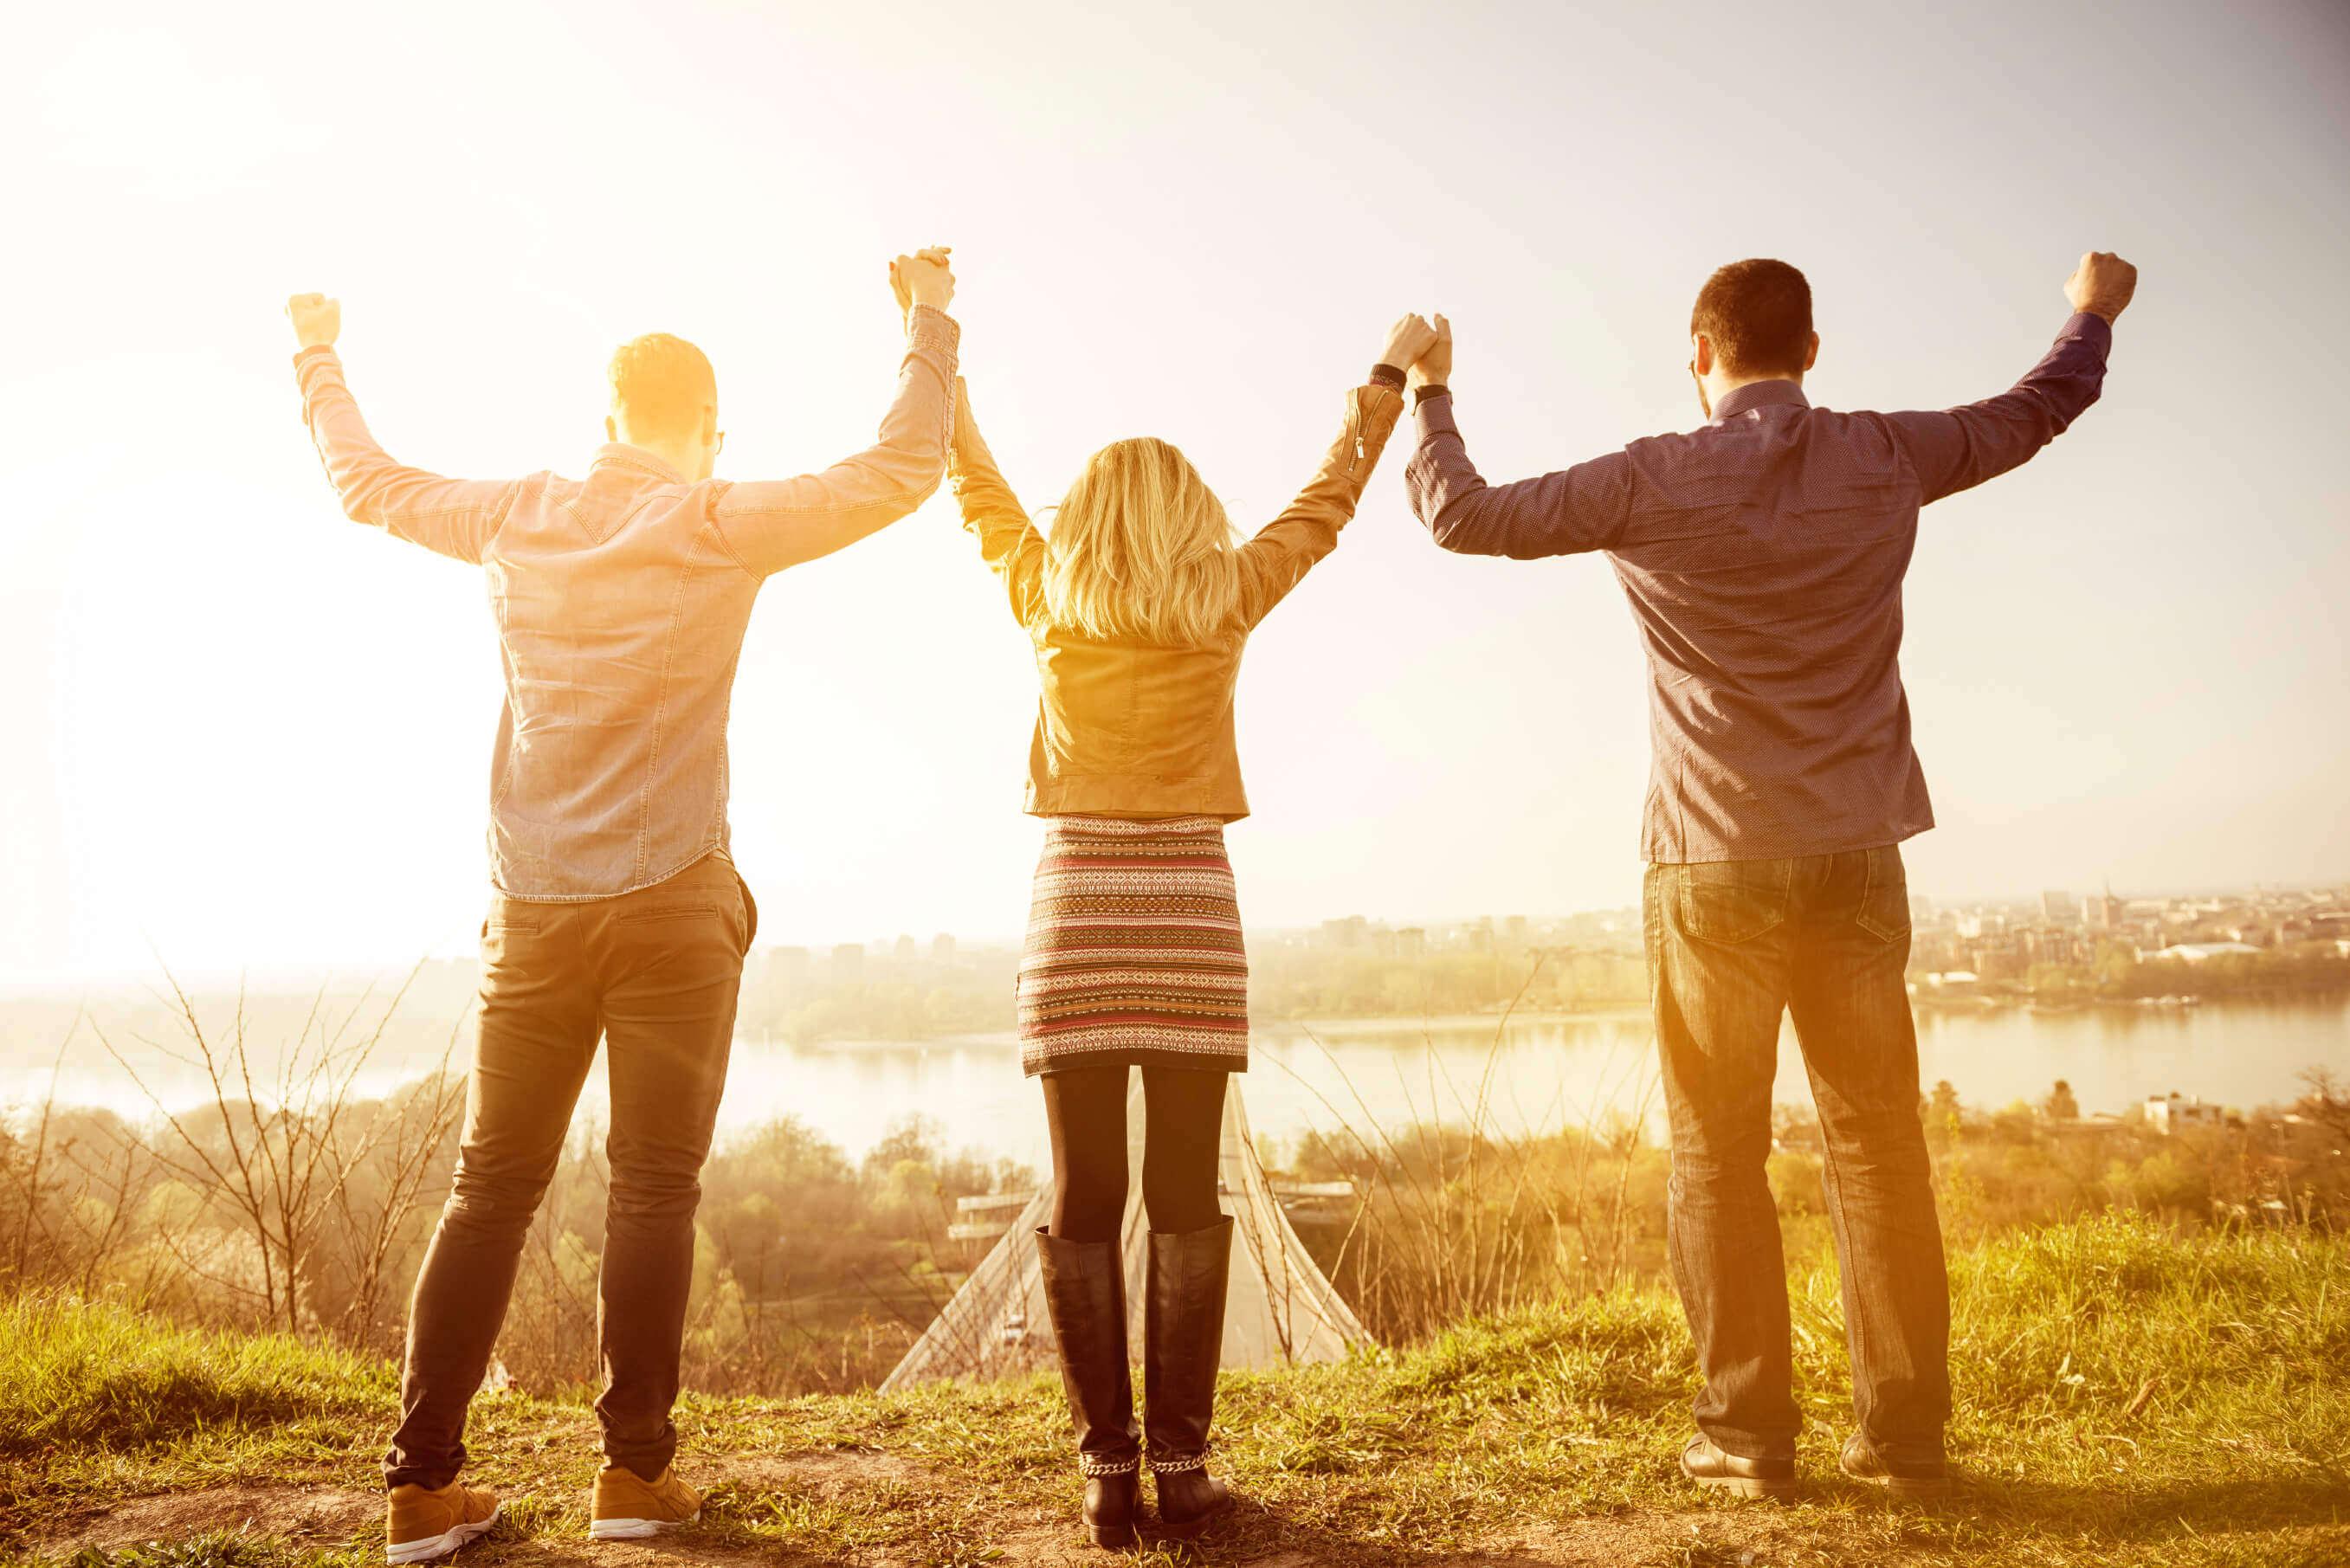 Três pessoas levantam suas mãos com entusiasmo